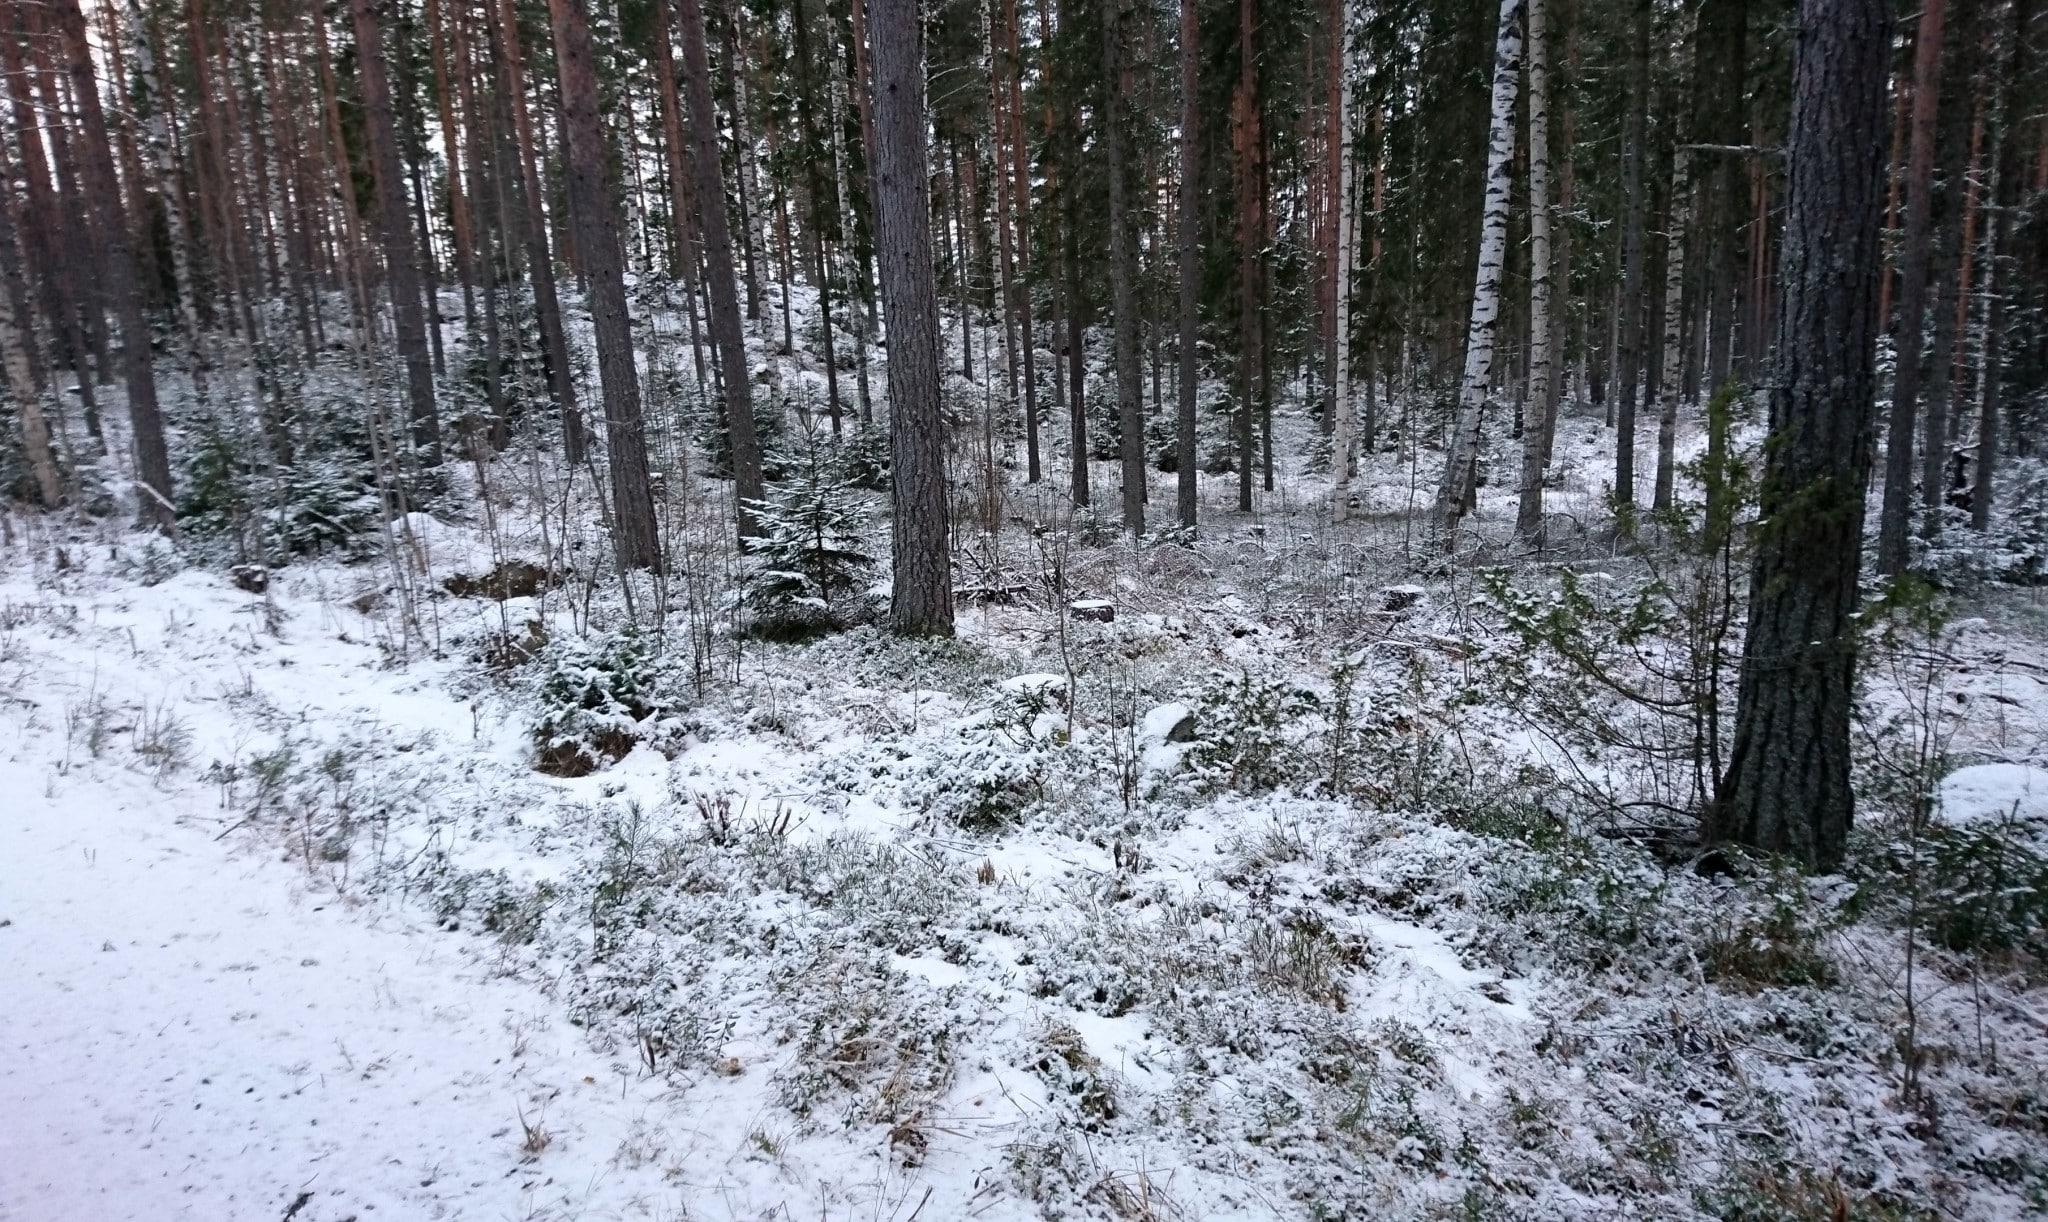 Det ligger ytterst lite snö inom Blybergsreviret i Hälsingland och vargspår har hittats. Redan i morgon tisdag väntas mer snö i området.